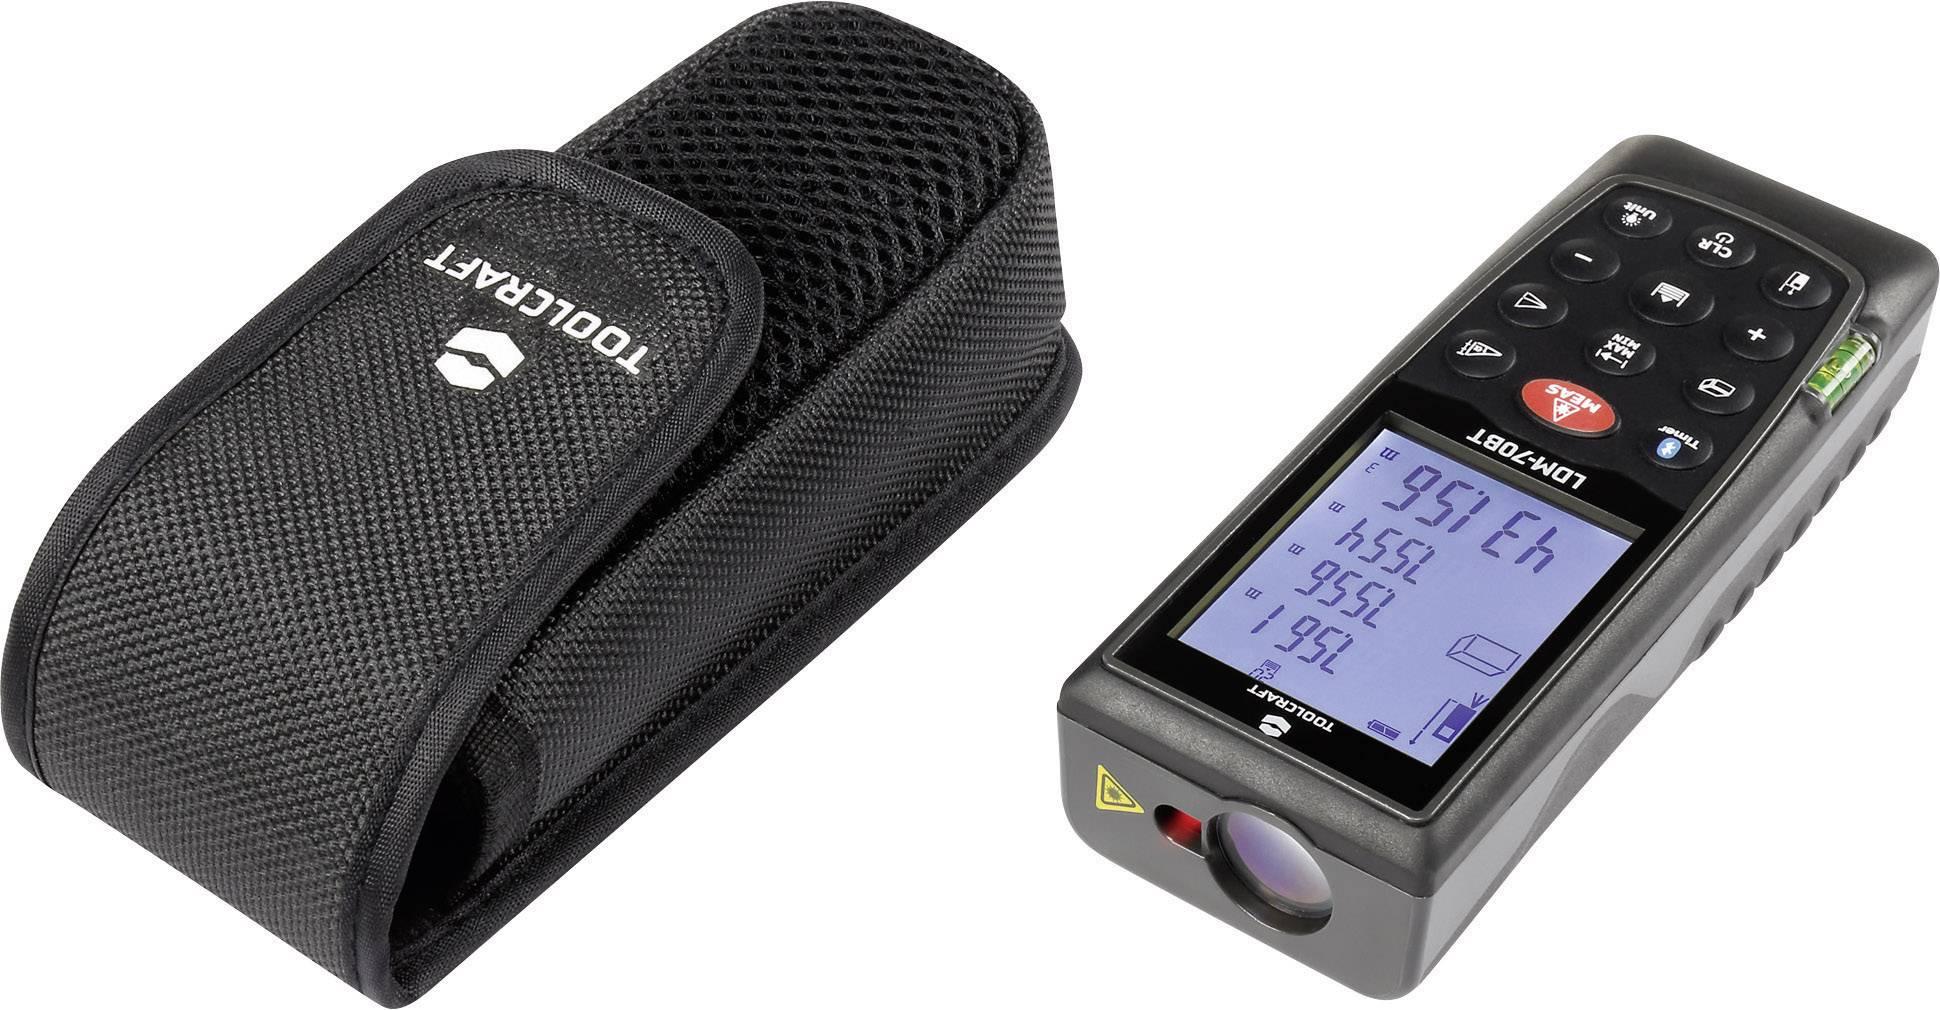 Iphone App Golf Entfernungsmesser : Entfernungsmesser app marktübersicht laser